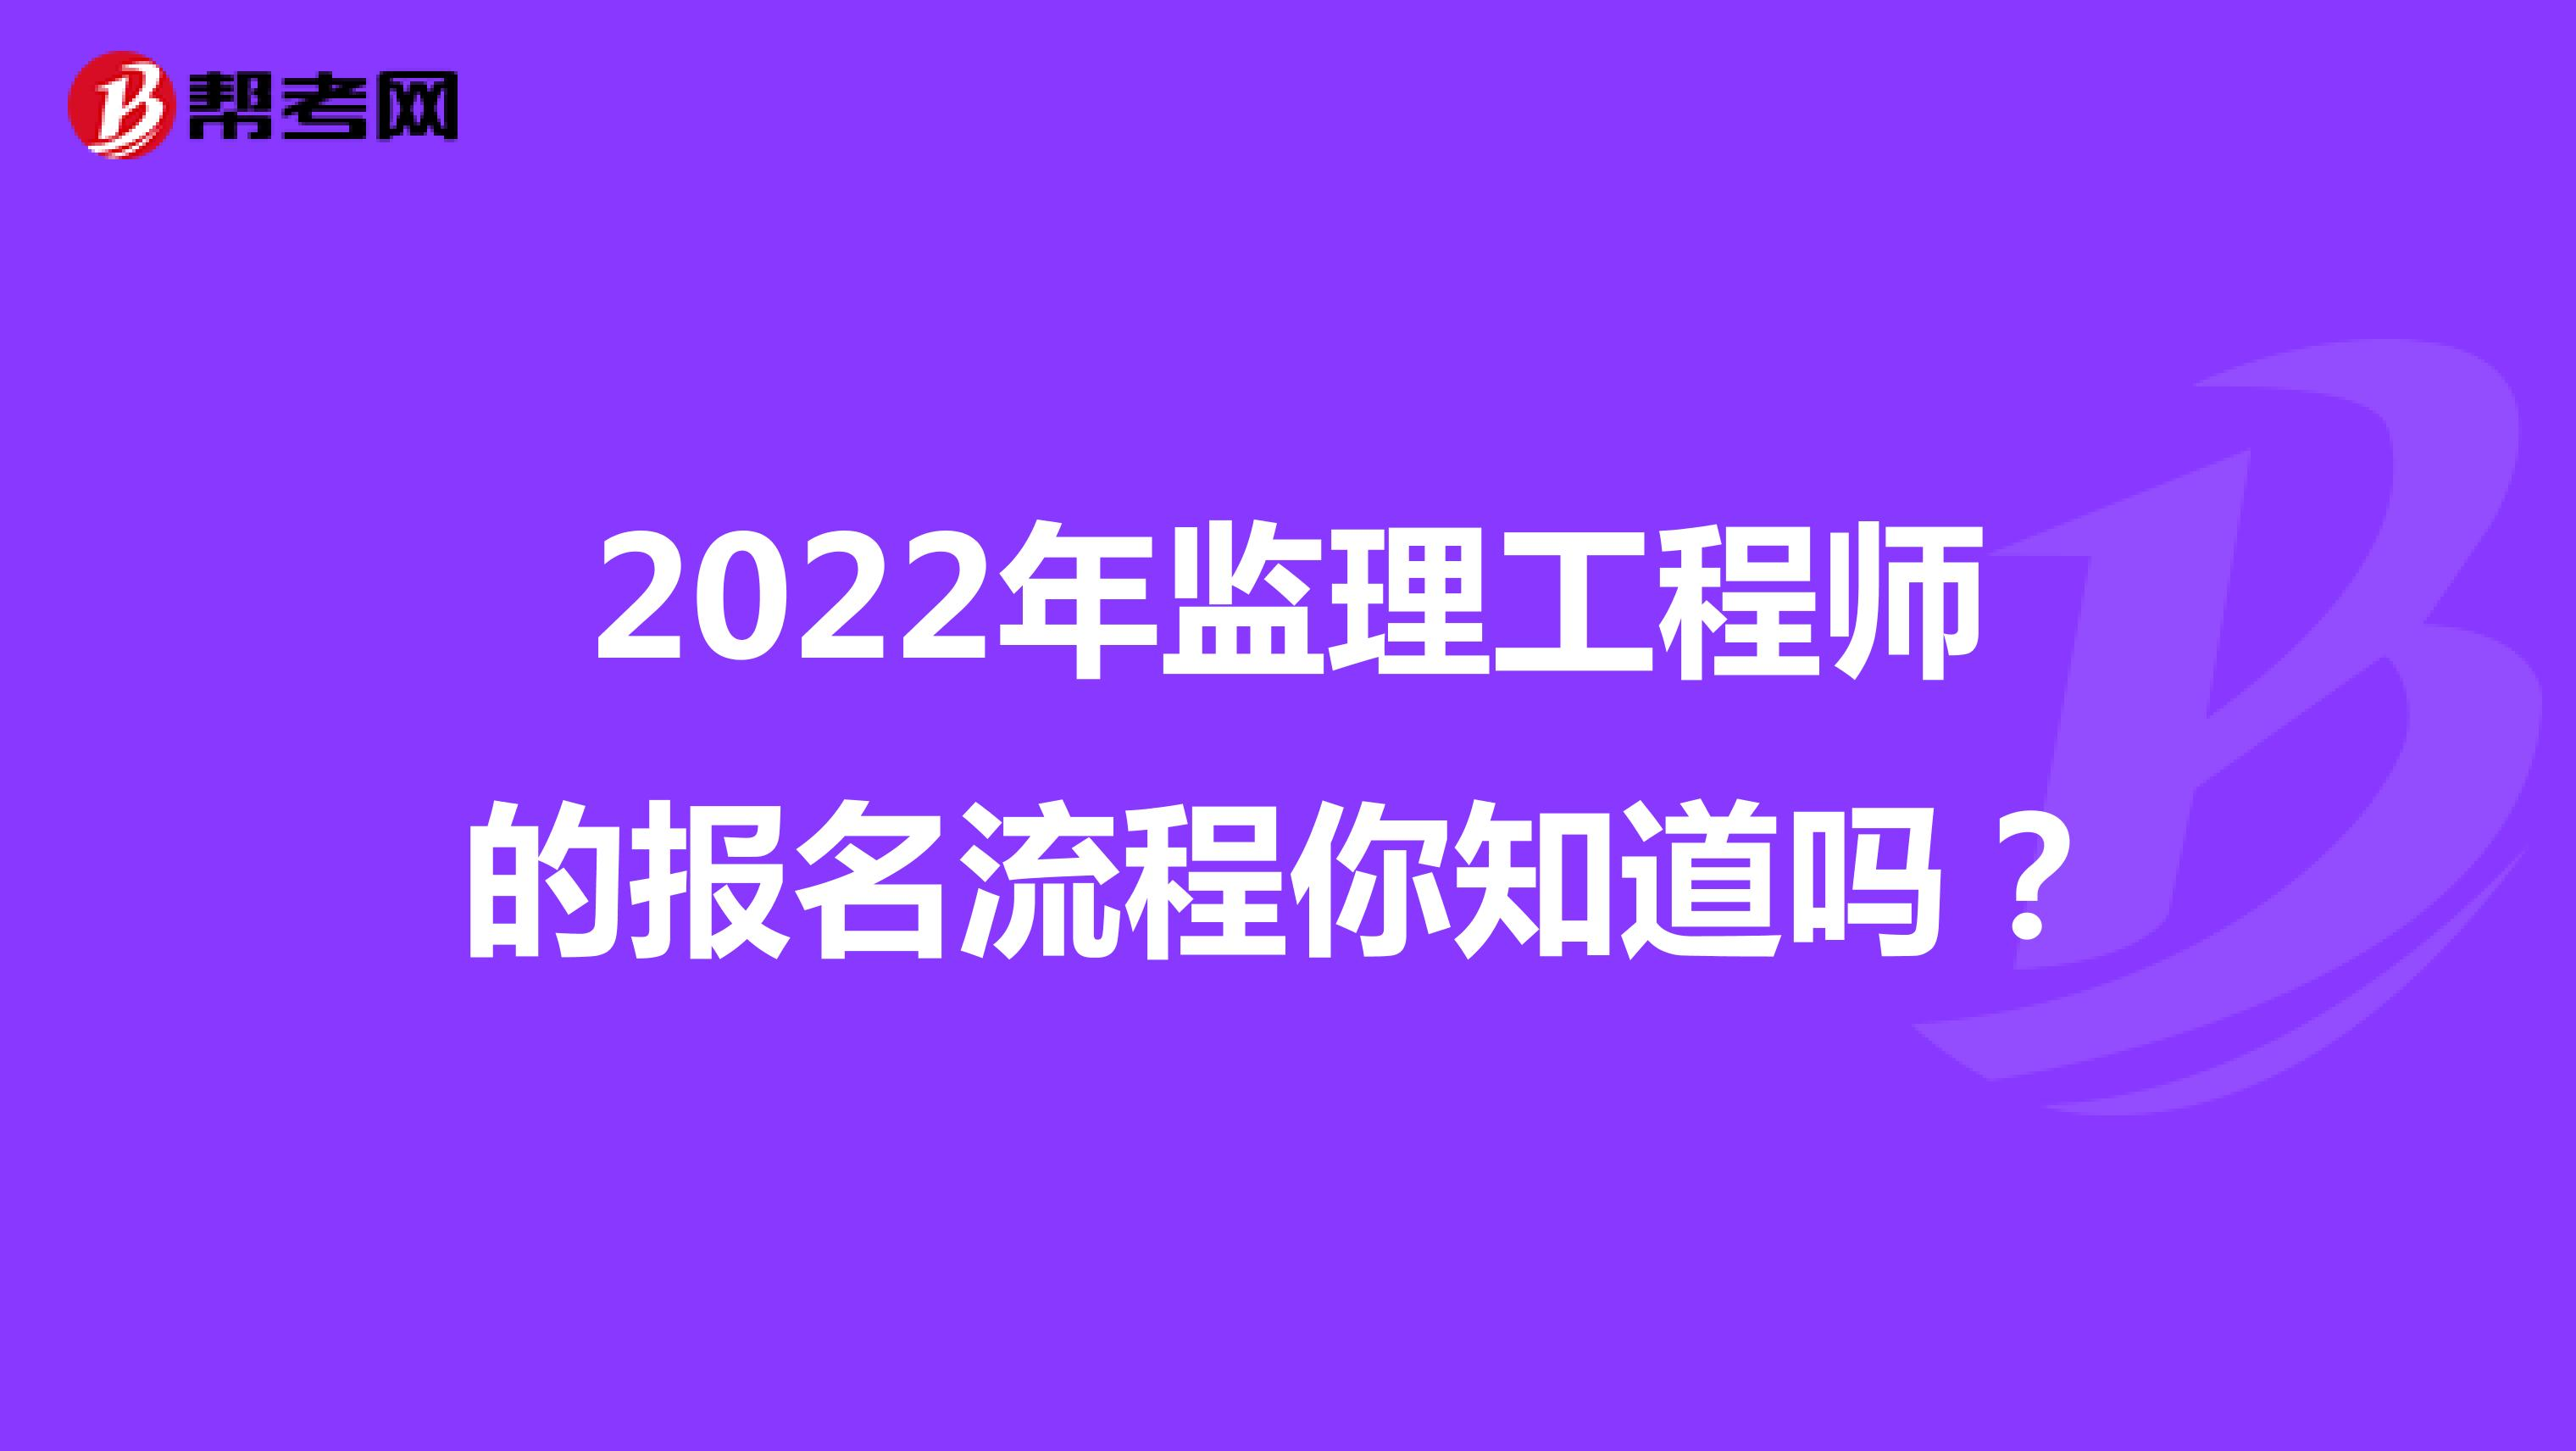 2022年监理工程师的报名流程你知道吗?